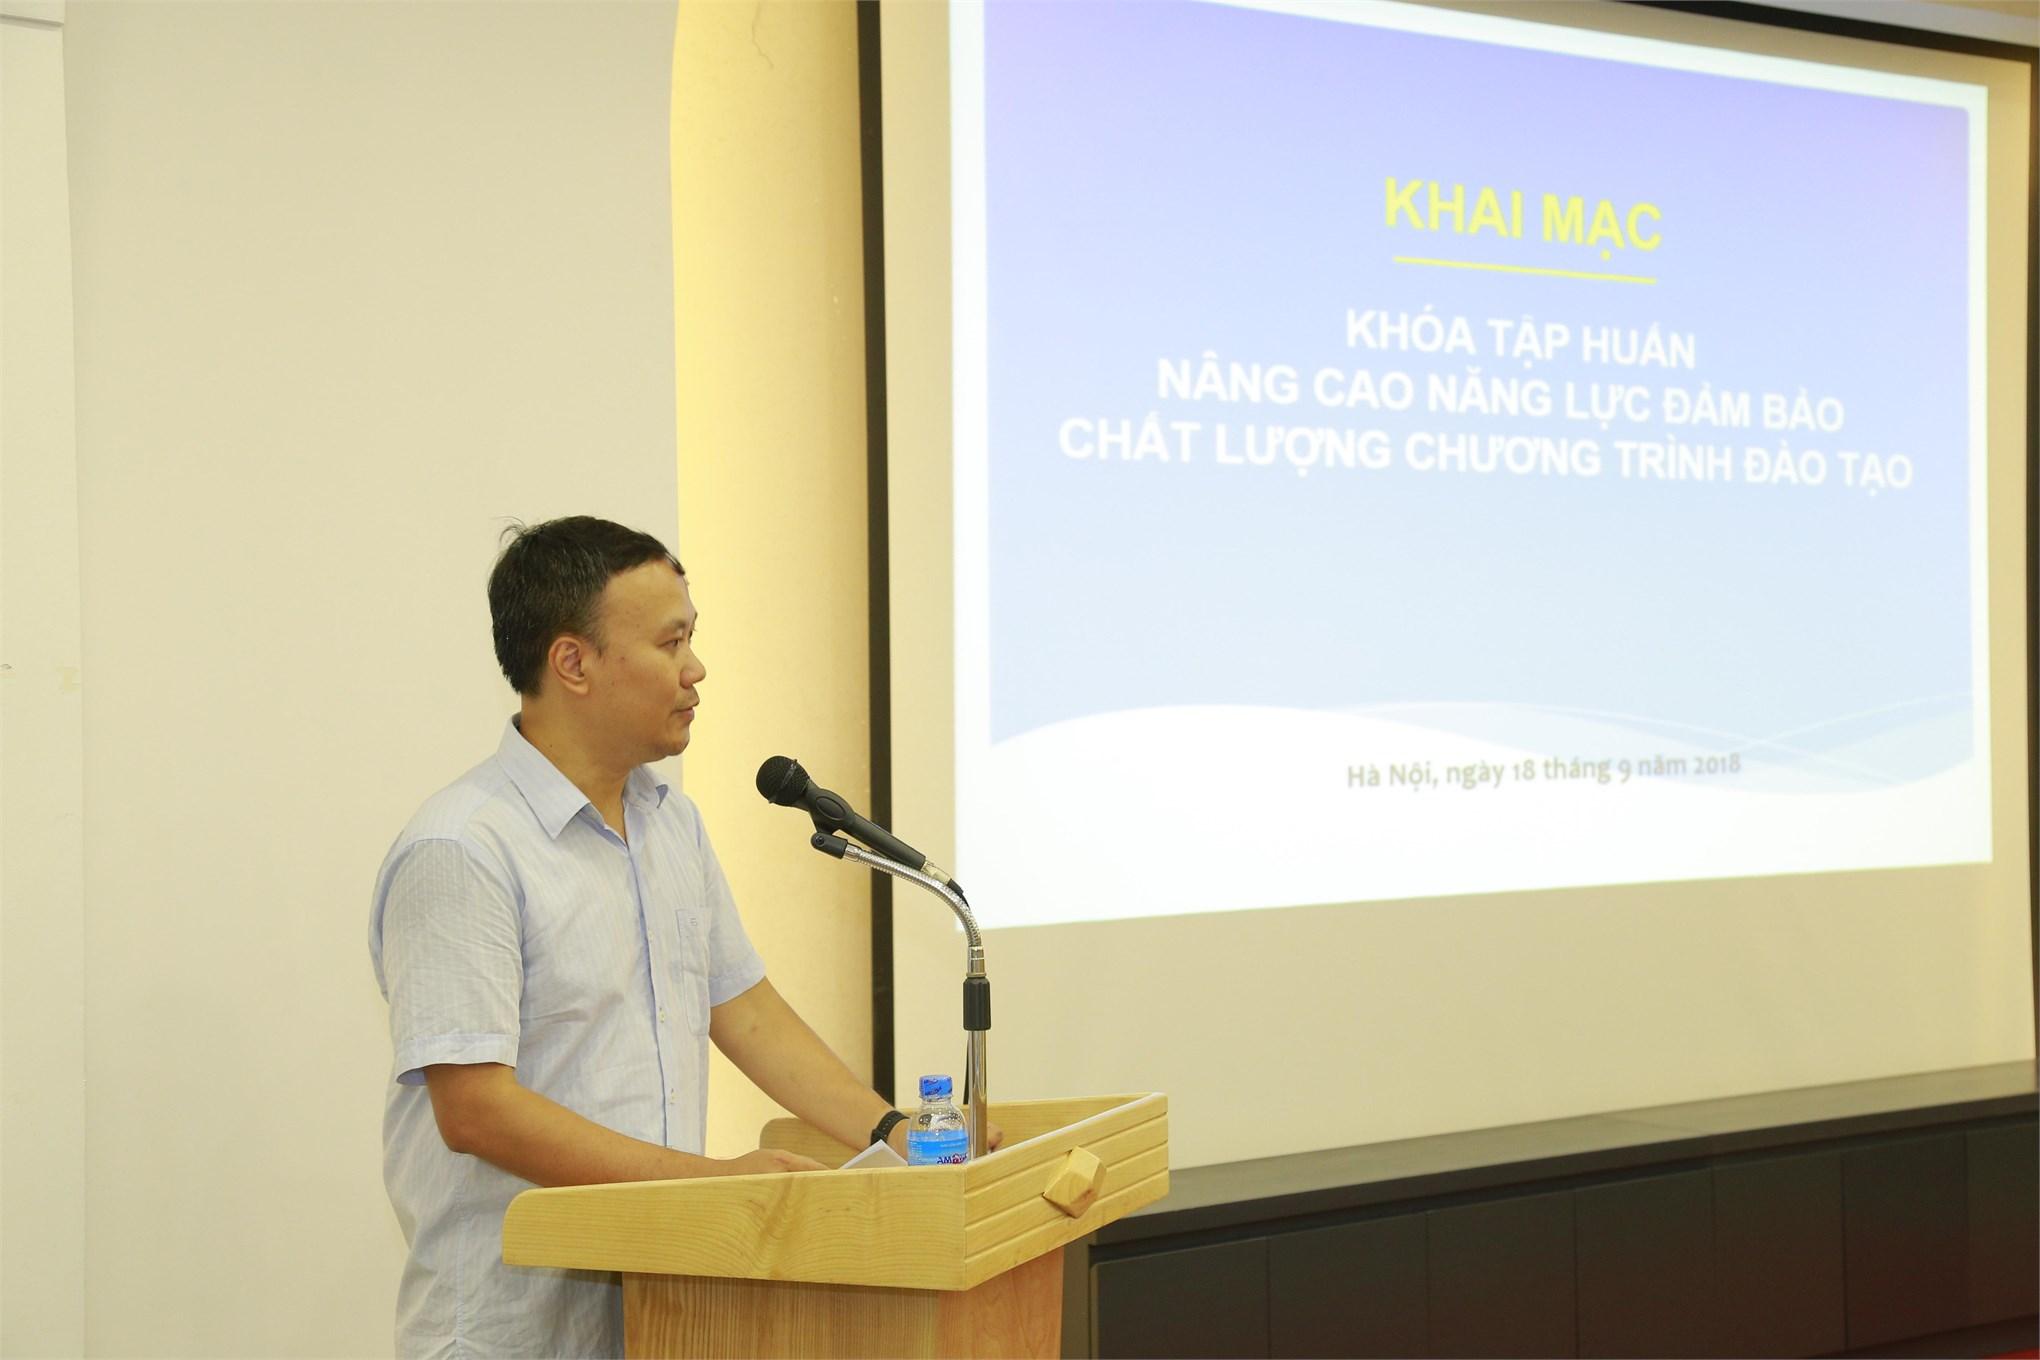 Đại học công nghiệp Hà Nội tập huấn nâng cao năng lực đảm bảo chất lượng đào tạo